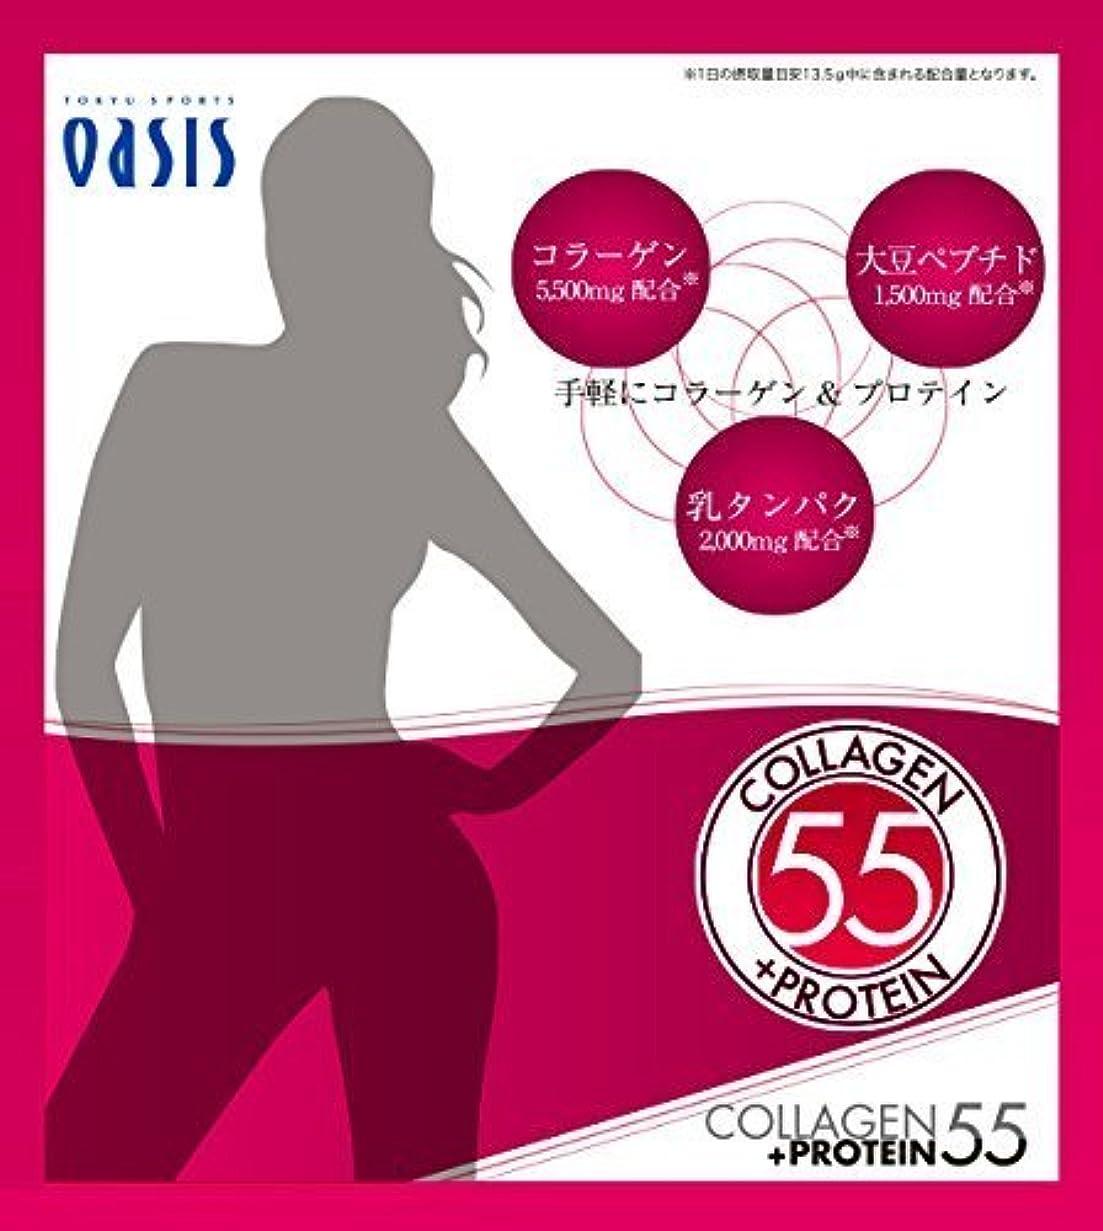 民主党傑出した処分した東急スポーツオアシス COLLAGEN+PROTEIN55(コラーゲン プラス プロテイン55)コラーゲン55